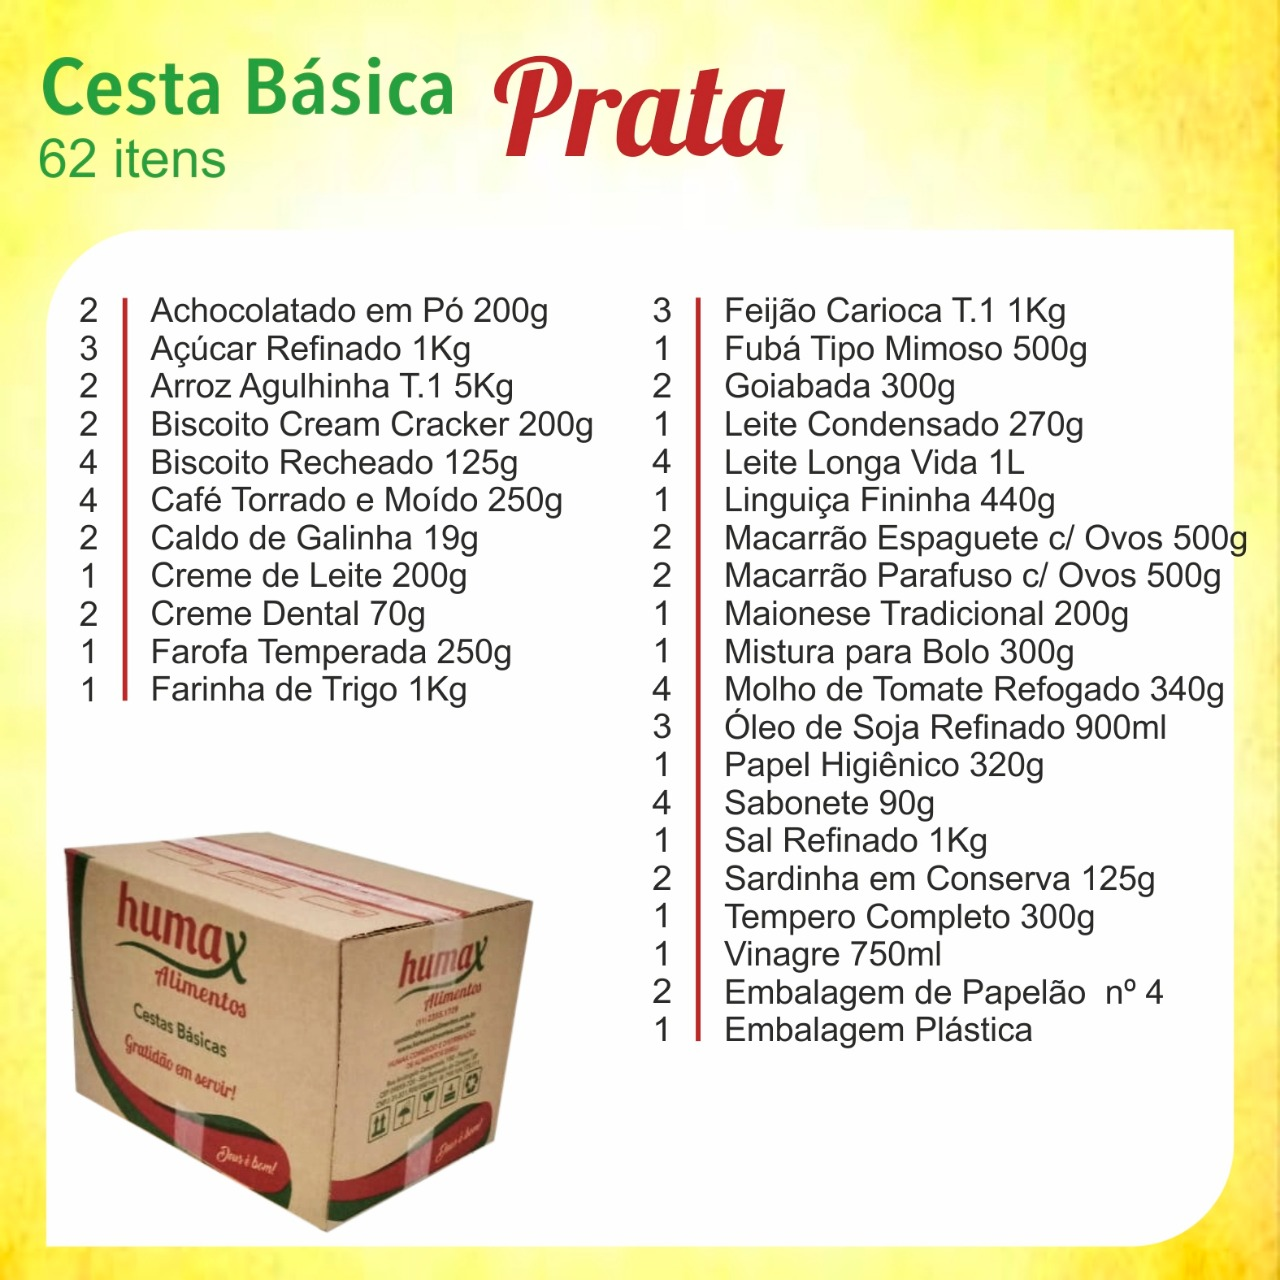 Cesta Básica Prata 62 itens Humax Alimentos caixa CX